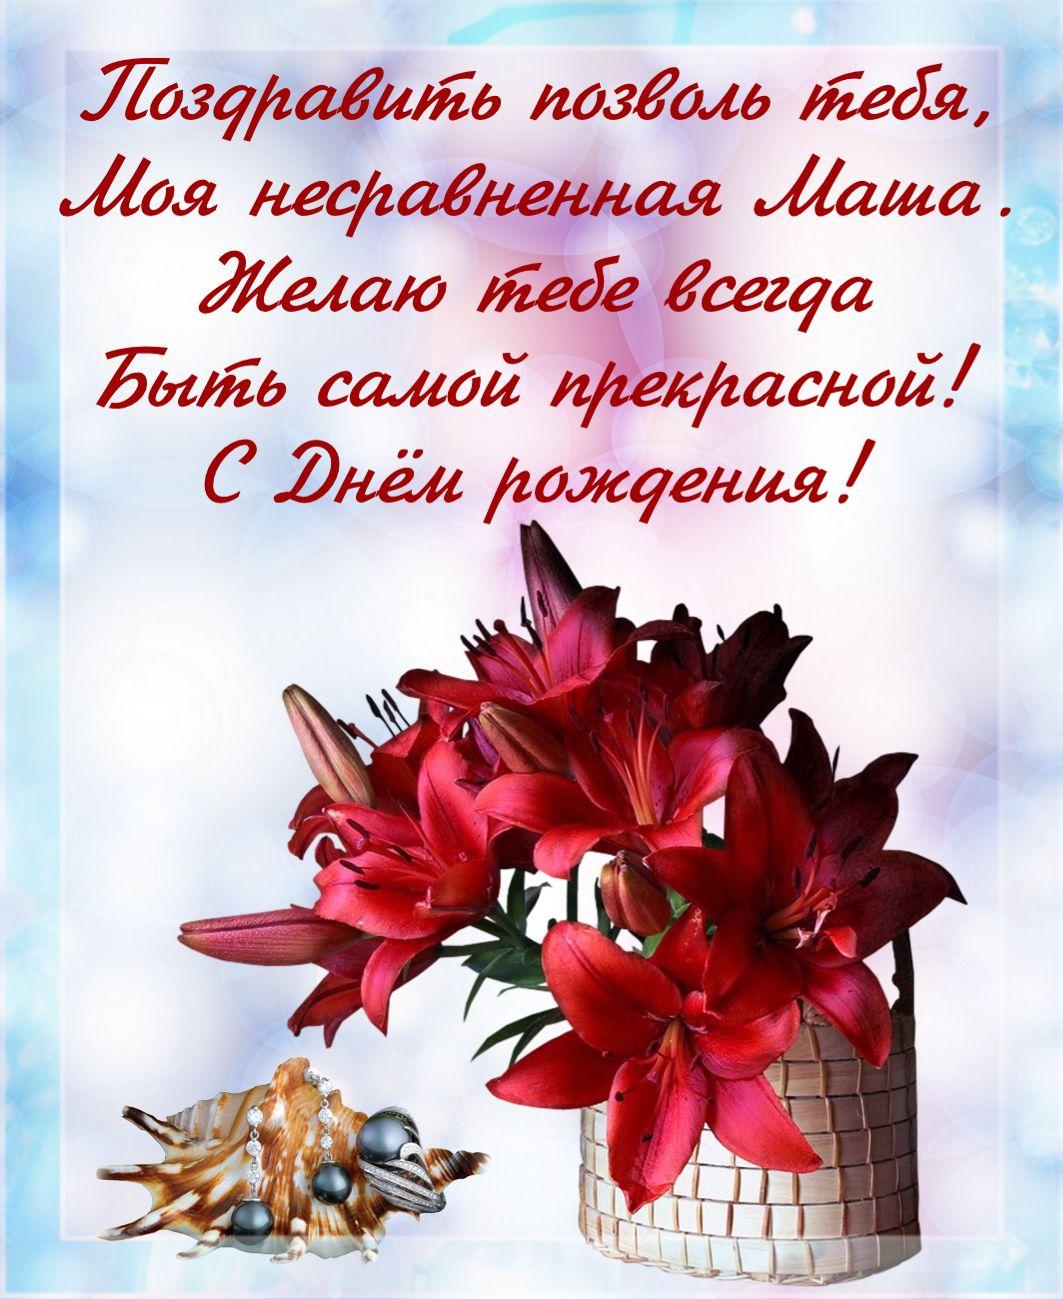 Открытка на День рождения Марии - красивые красные цветы и поздравление